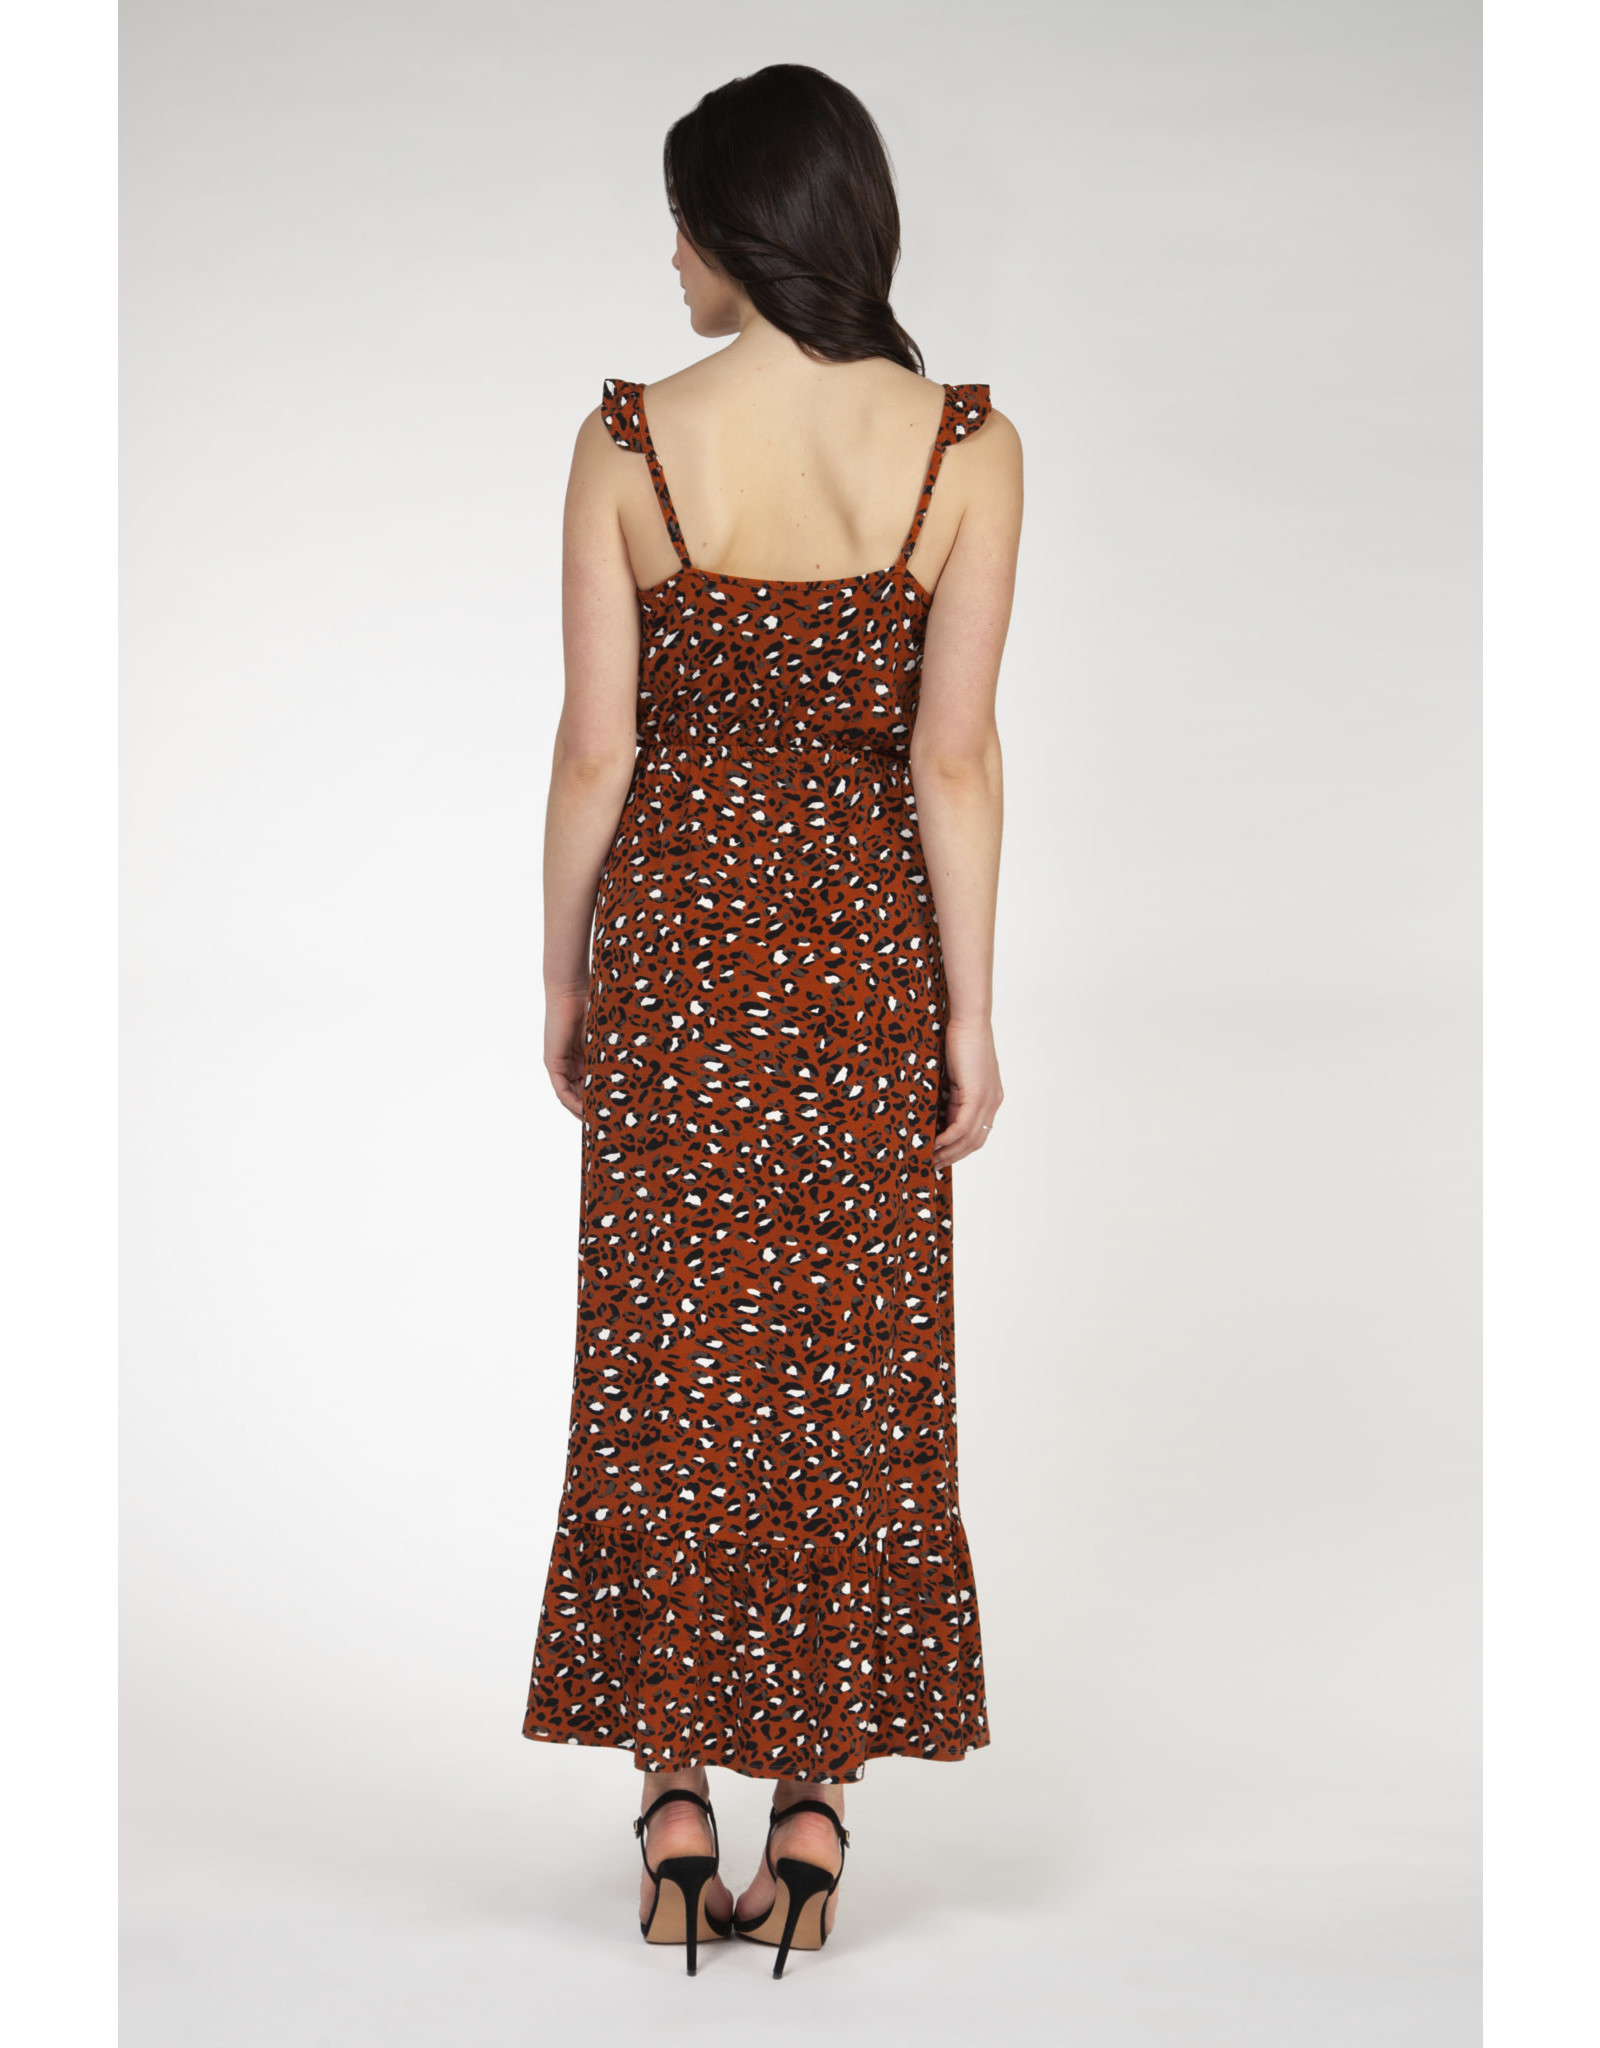 BPE - Leopard Print Maxi Dress